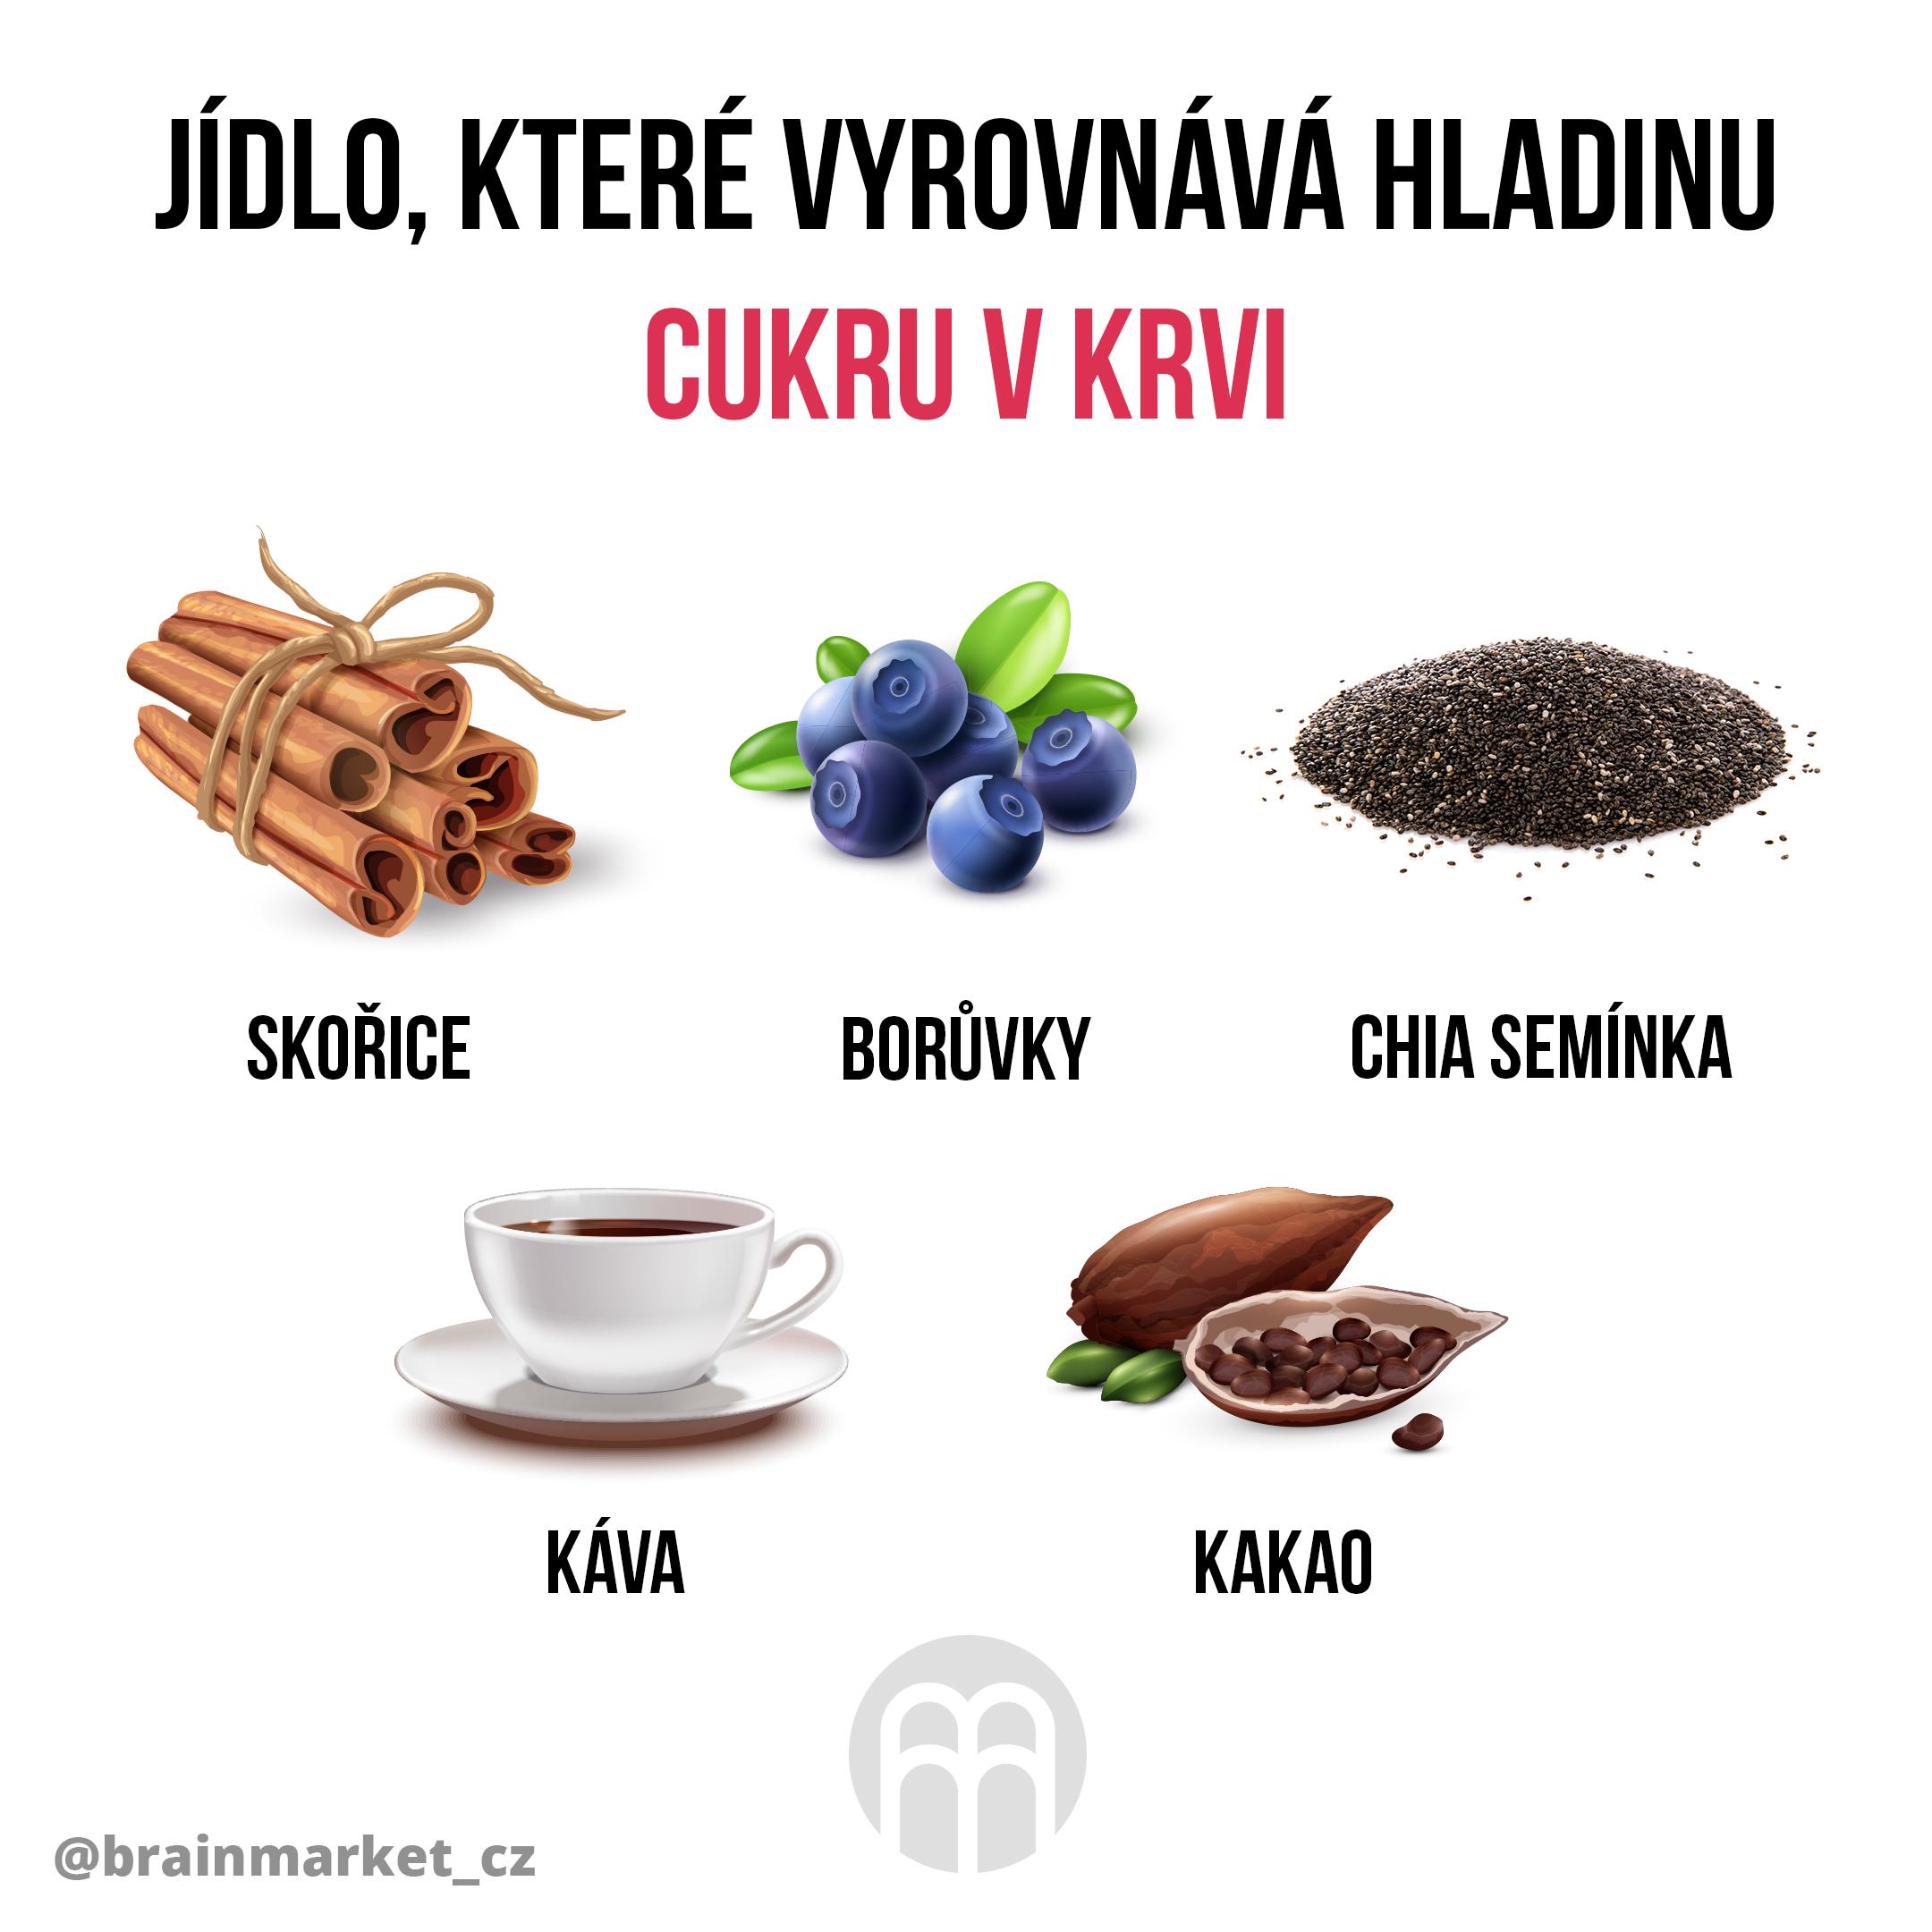 jidlo_ktere_vyrovnana_hladinu_cukru_v_krvi